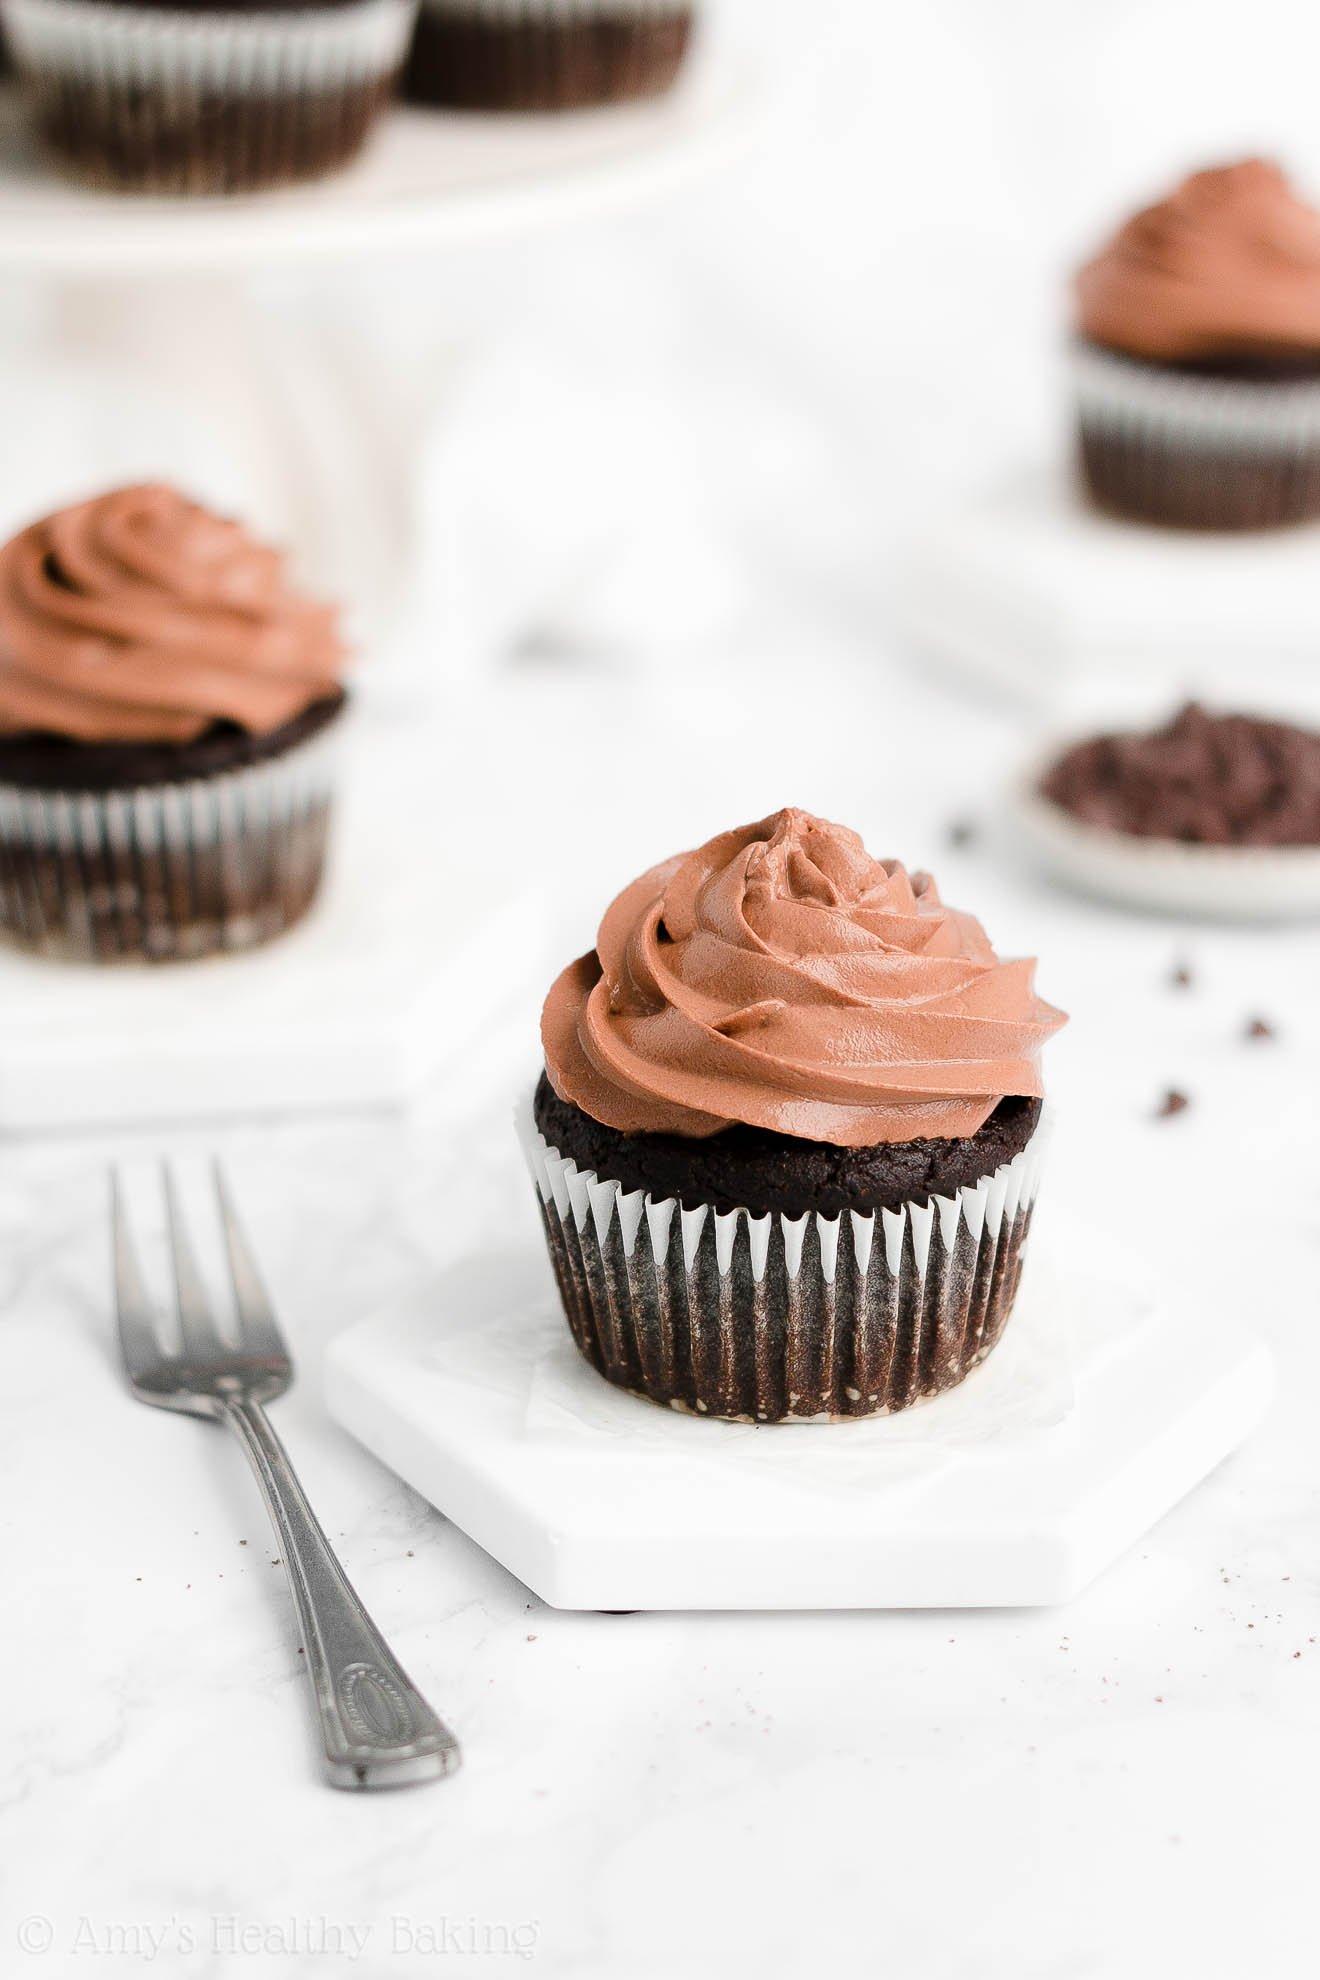 Best Easy Healthy Clean Eating Sugar Free One-Bowl Dark Chocolate Cupcakes